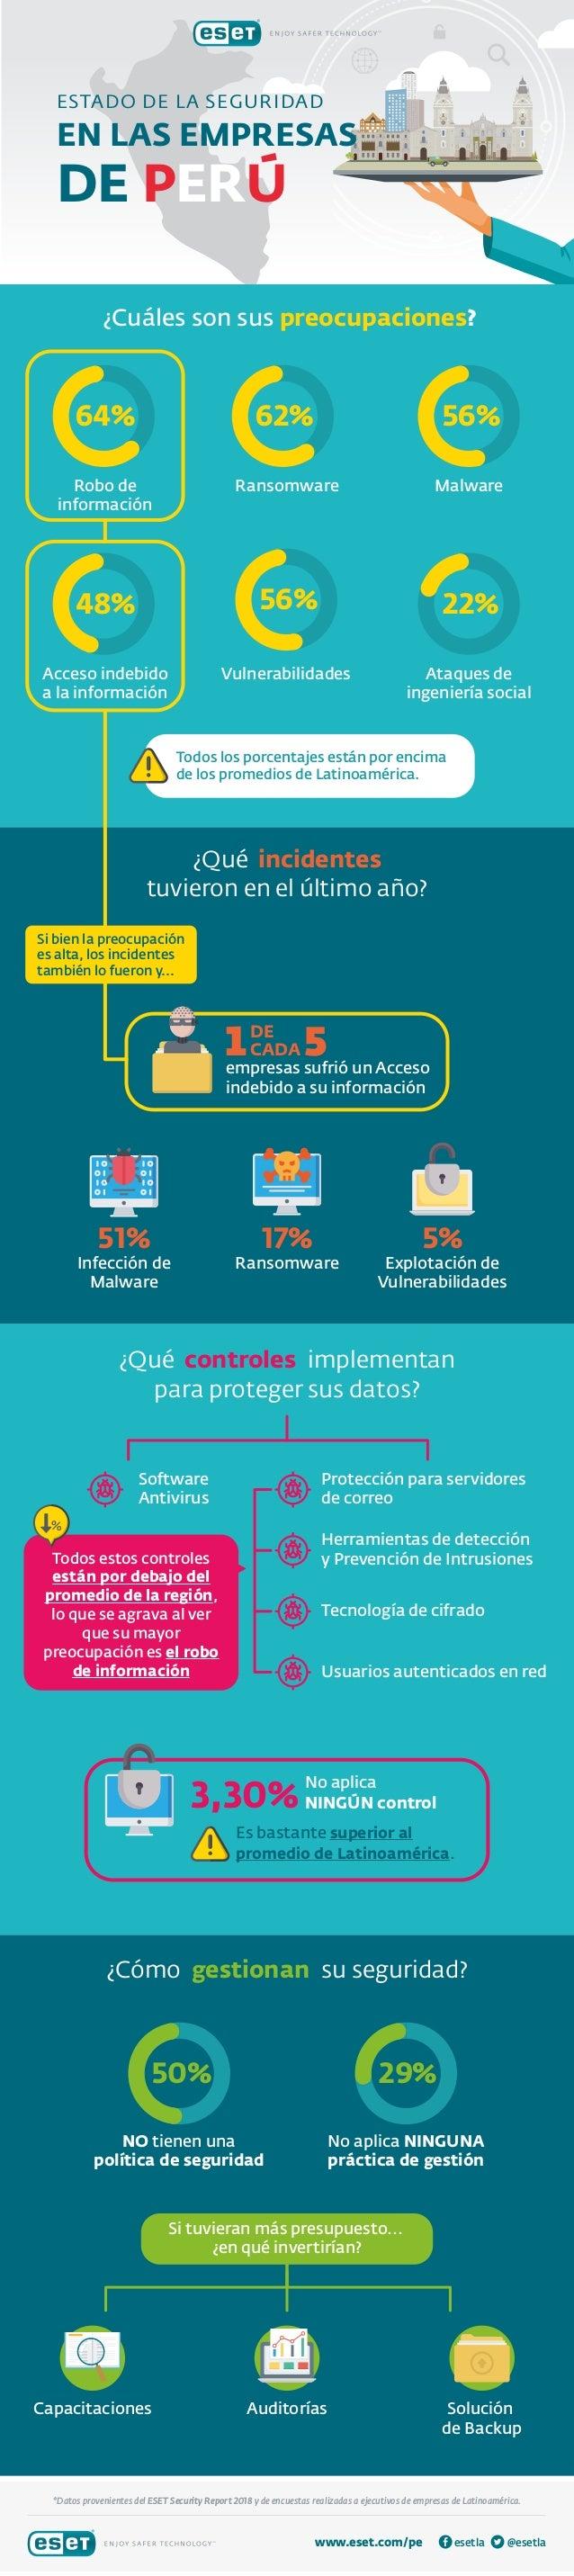 *Datos provenientes del ESET Security Report 2018 y de encuestas realizadas a ejecutivos de empresas de Latinoam�rica. www...